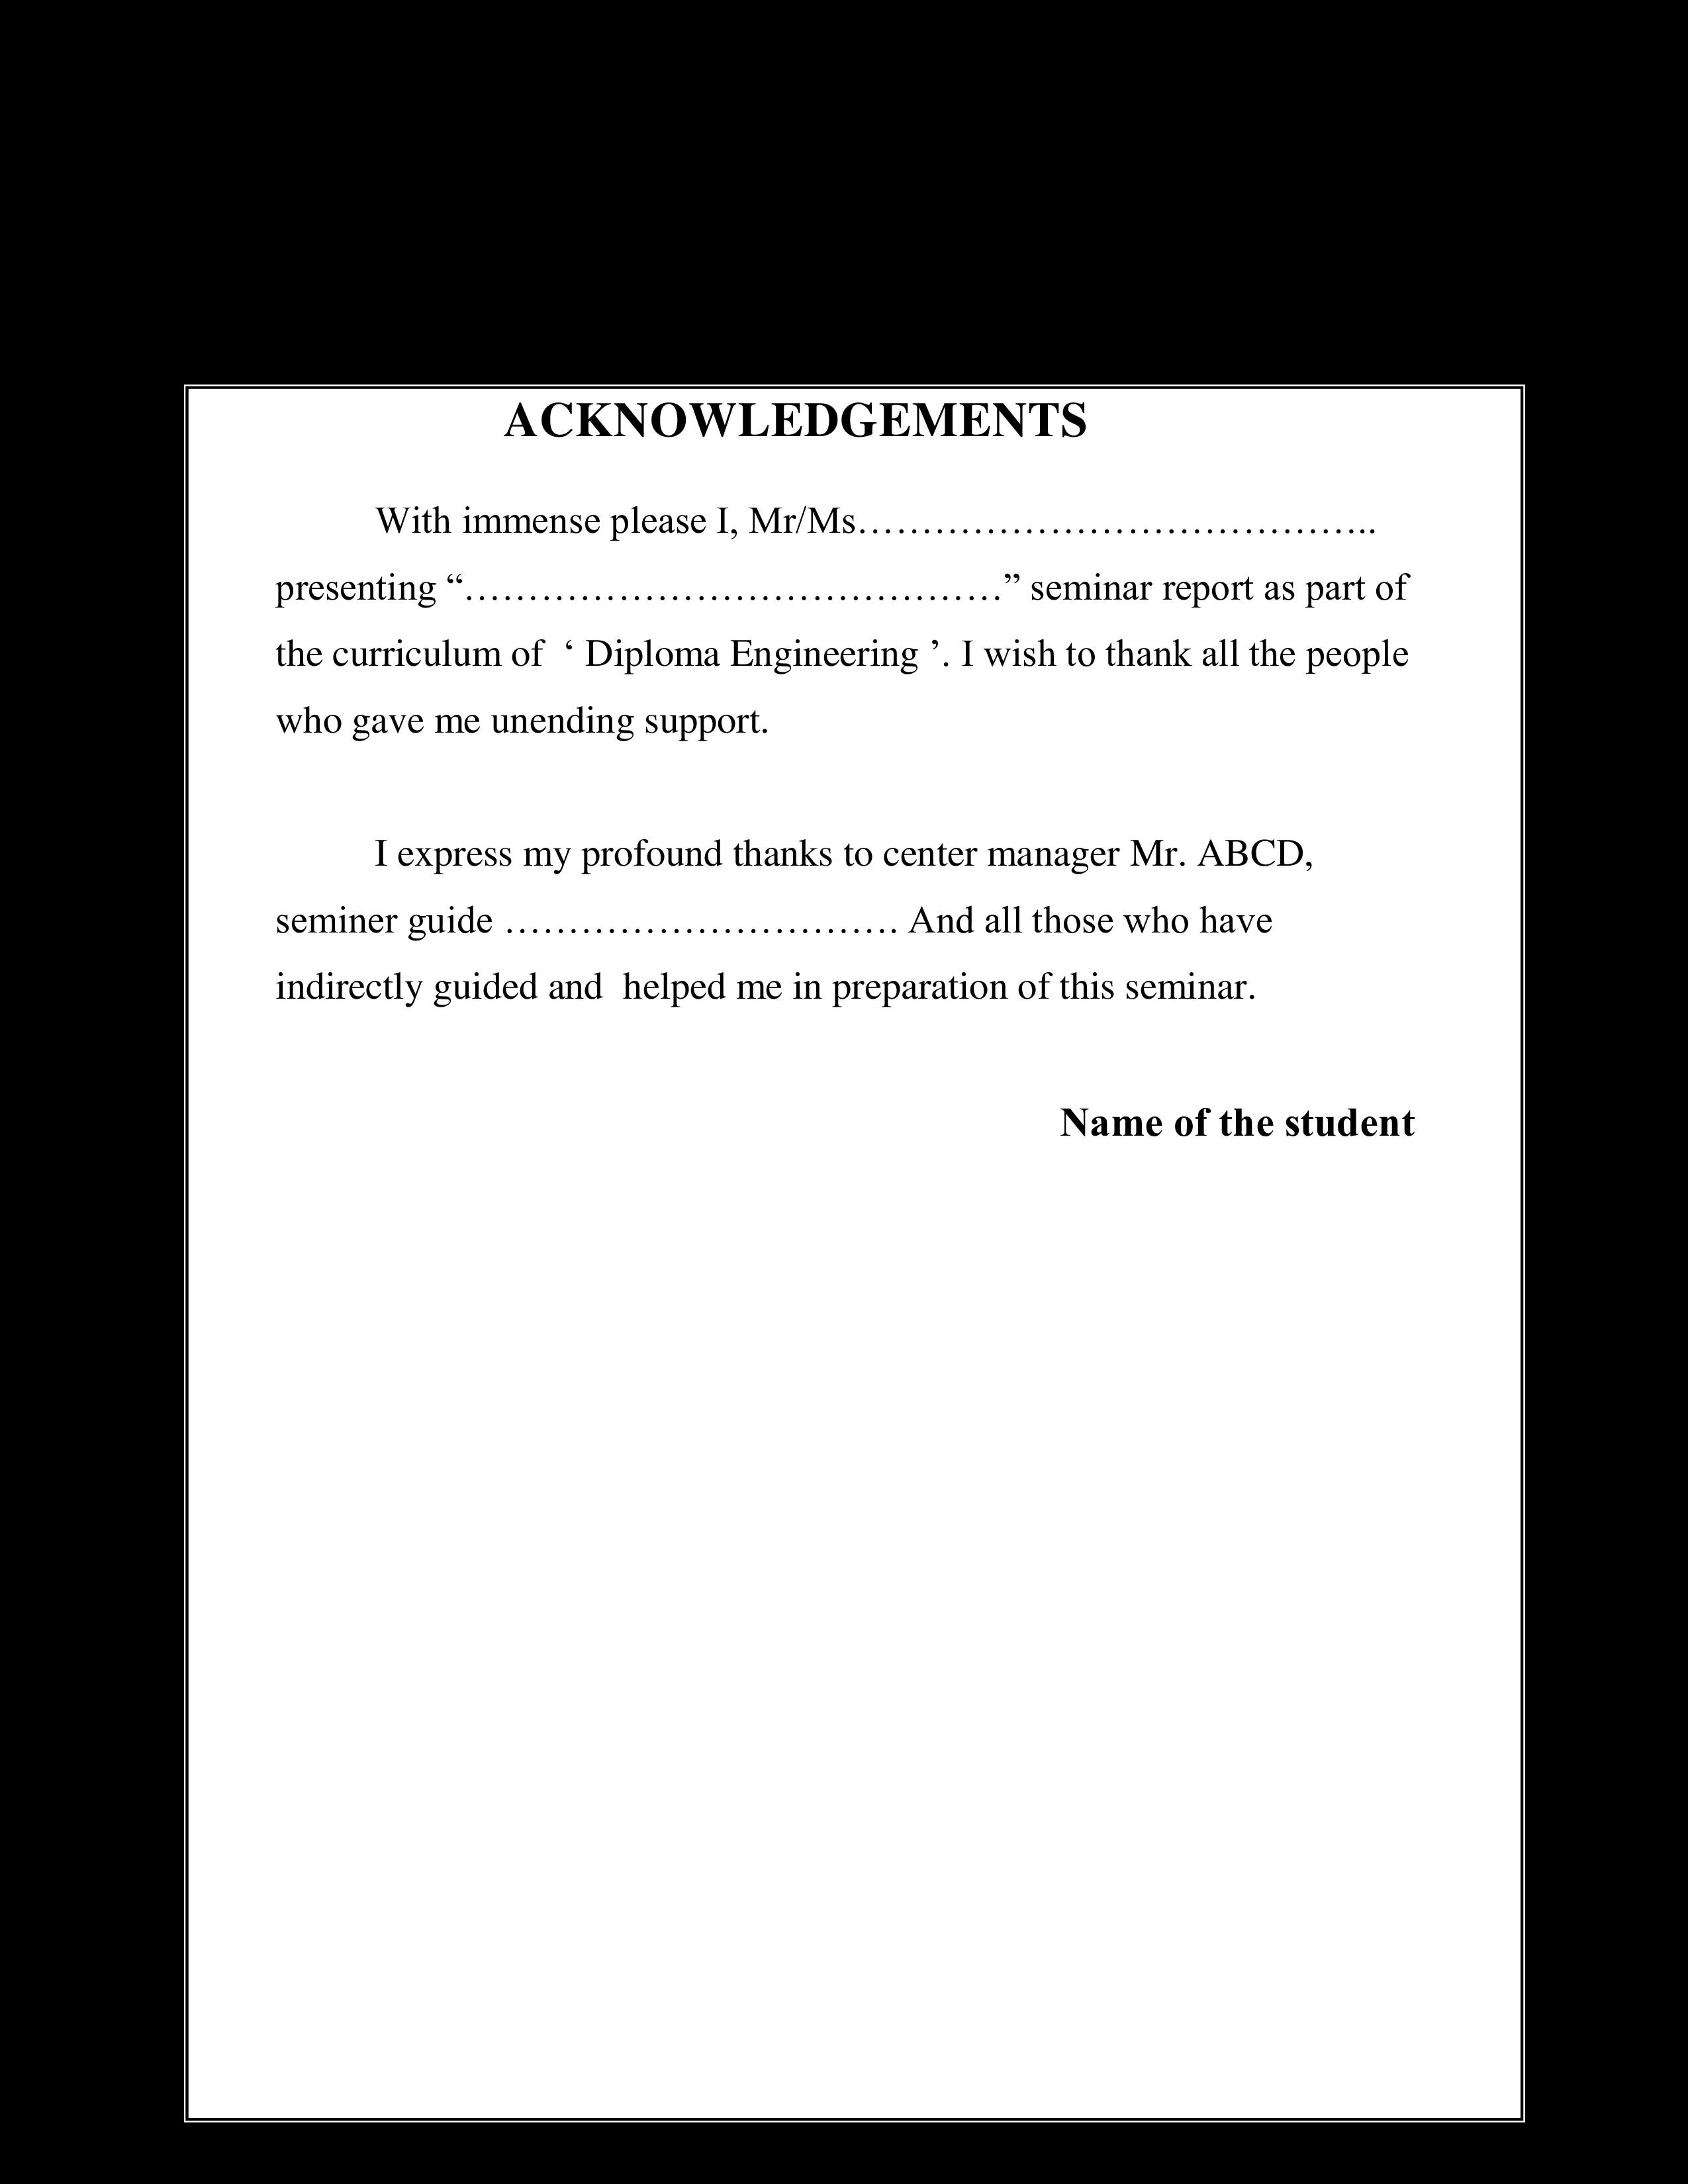 Free Seminar Acknowledgement Report | Templates at ...